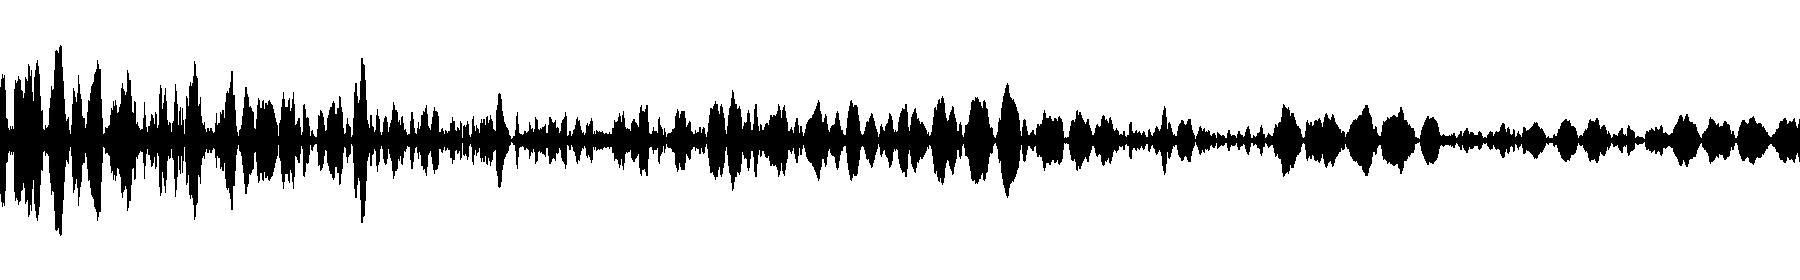 snare3.2 101db b